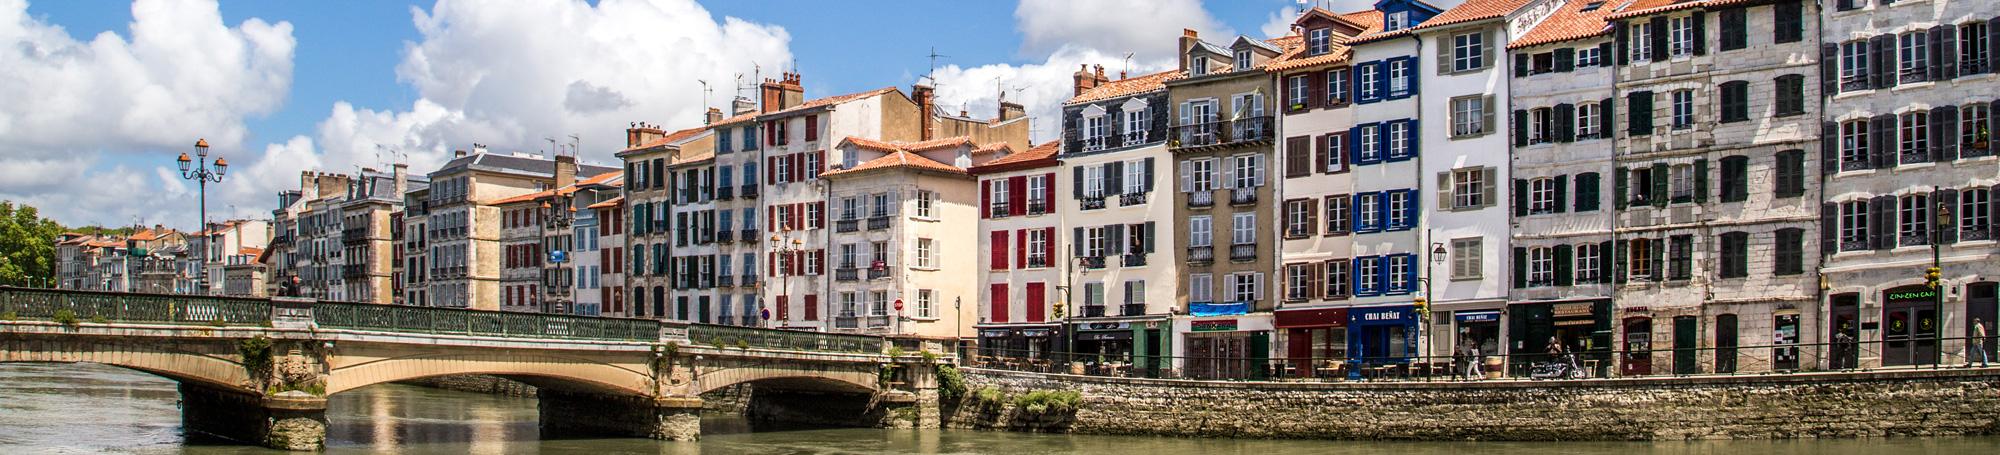 Photographe Immobilier Aquitaine, Landes, Pays Basque et Béarn 5